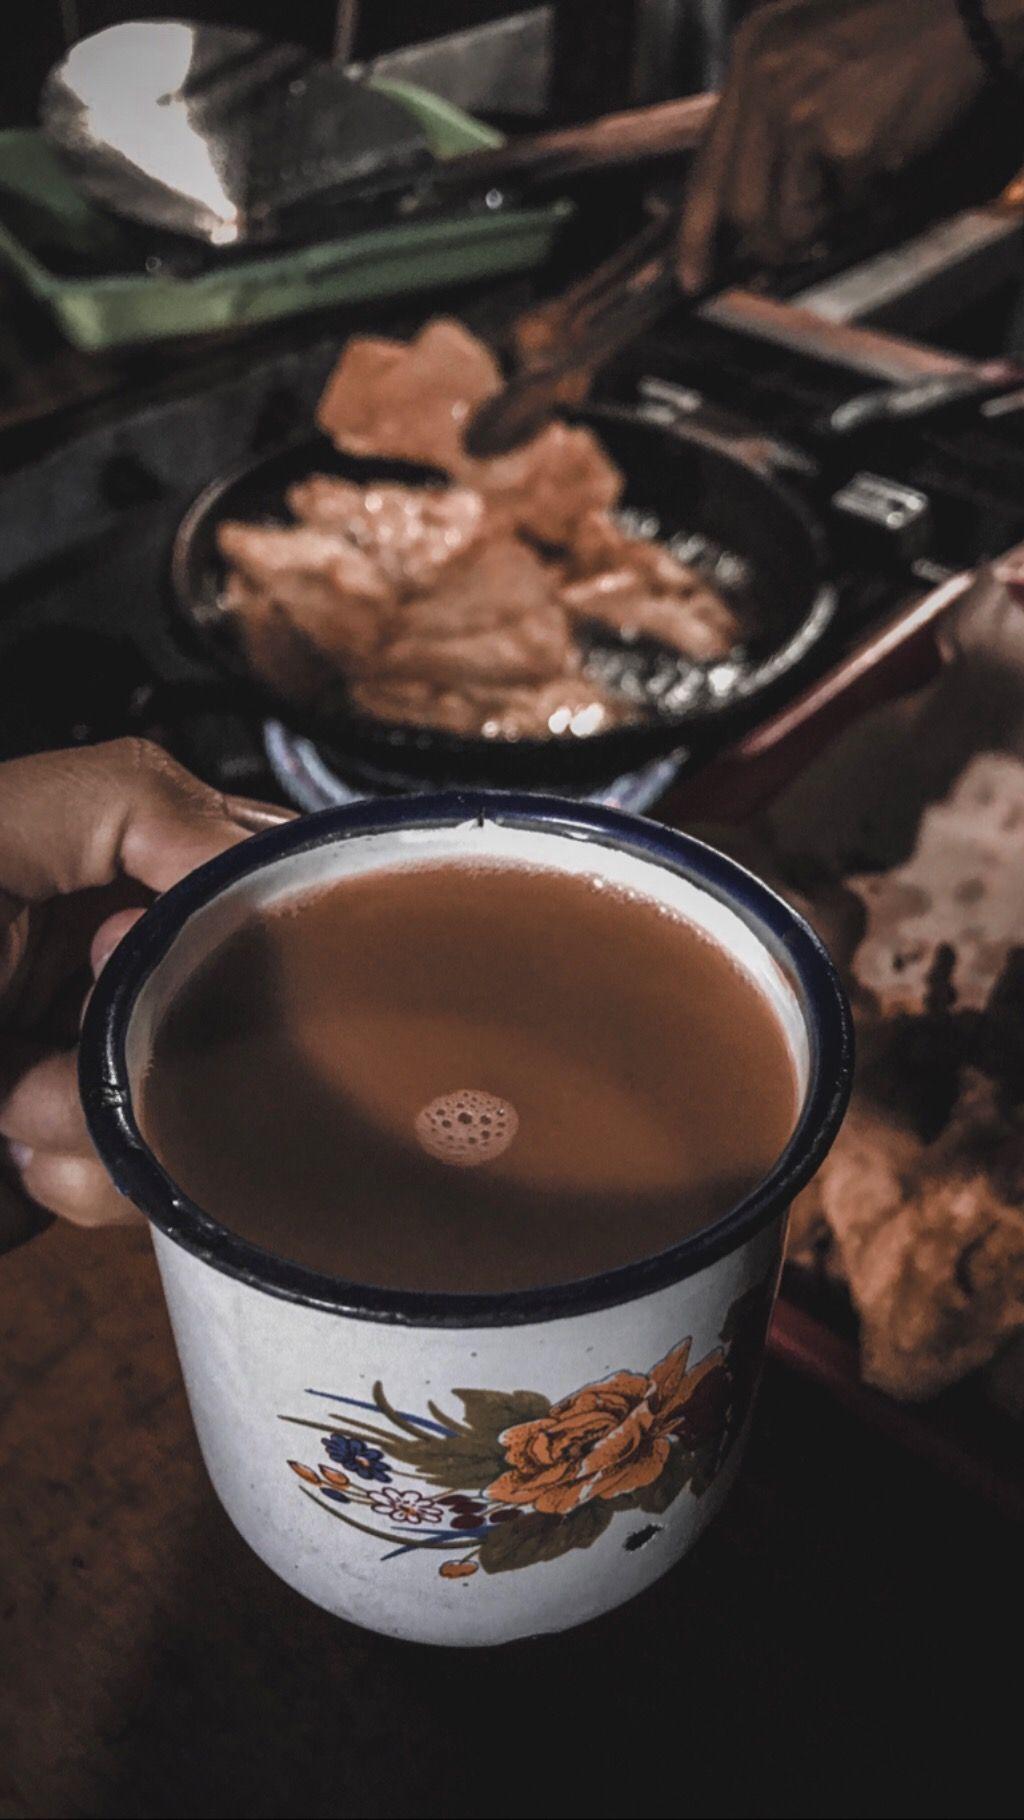 Pin Oleh Reenad Di Coffe Ide Makanan Makanan